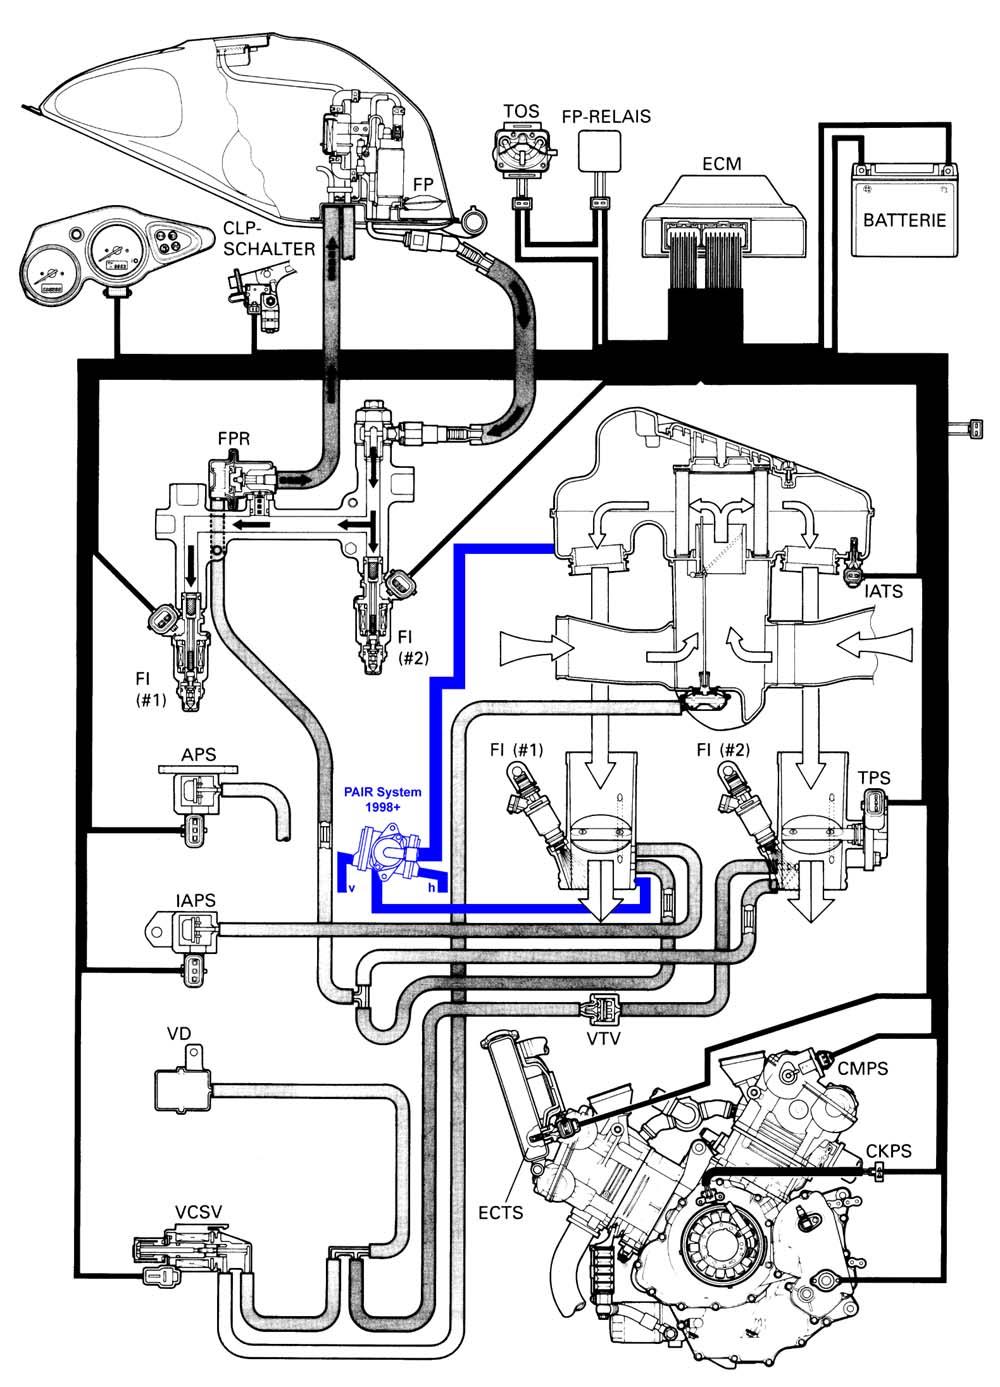 Suzuki bandit 1200 wiring diagram